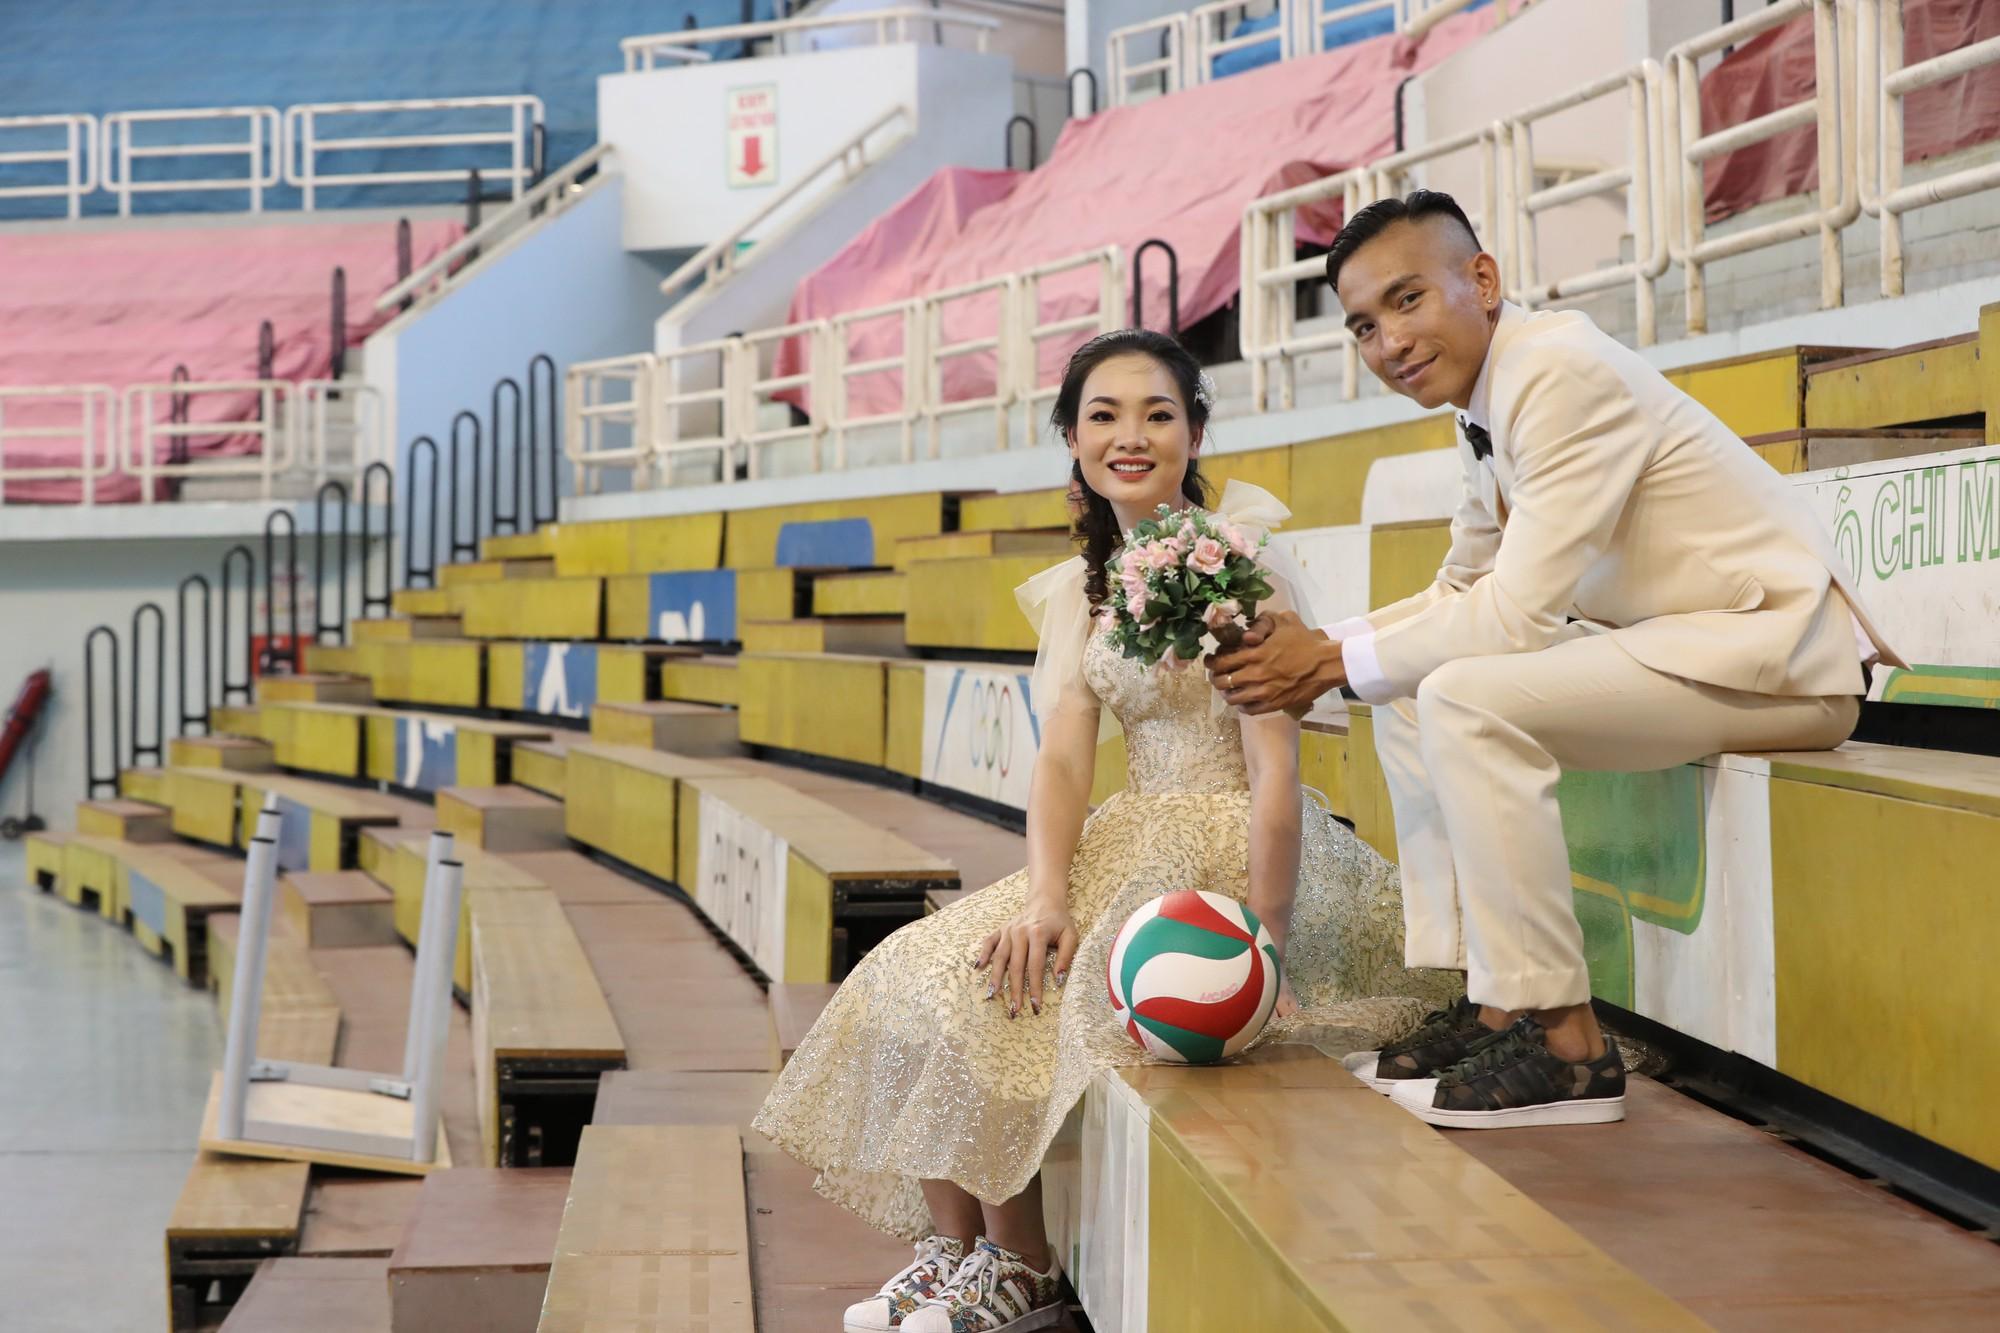 Huy chương vàng mới cho Mai Nguyễn Hưng  - Ảnh 2.